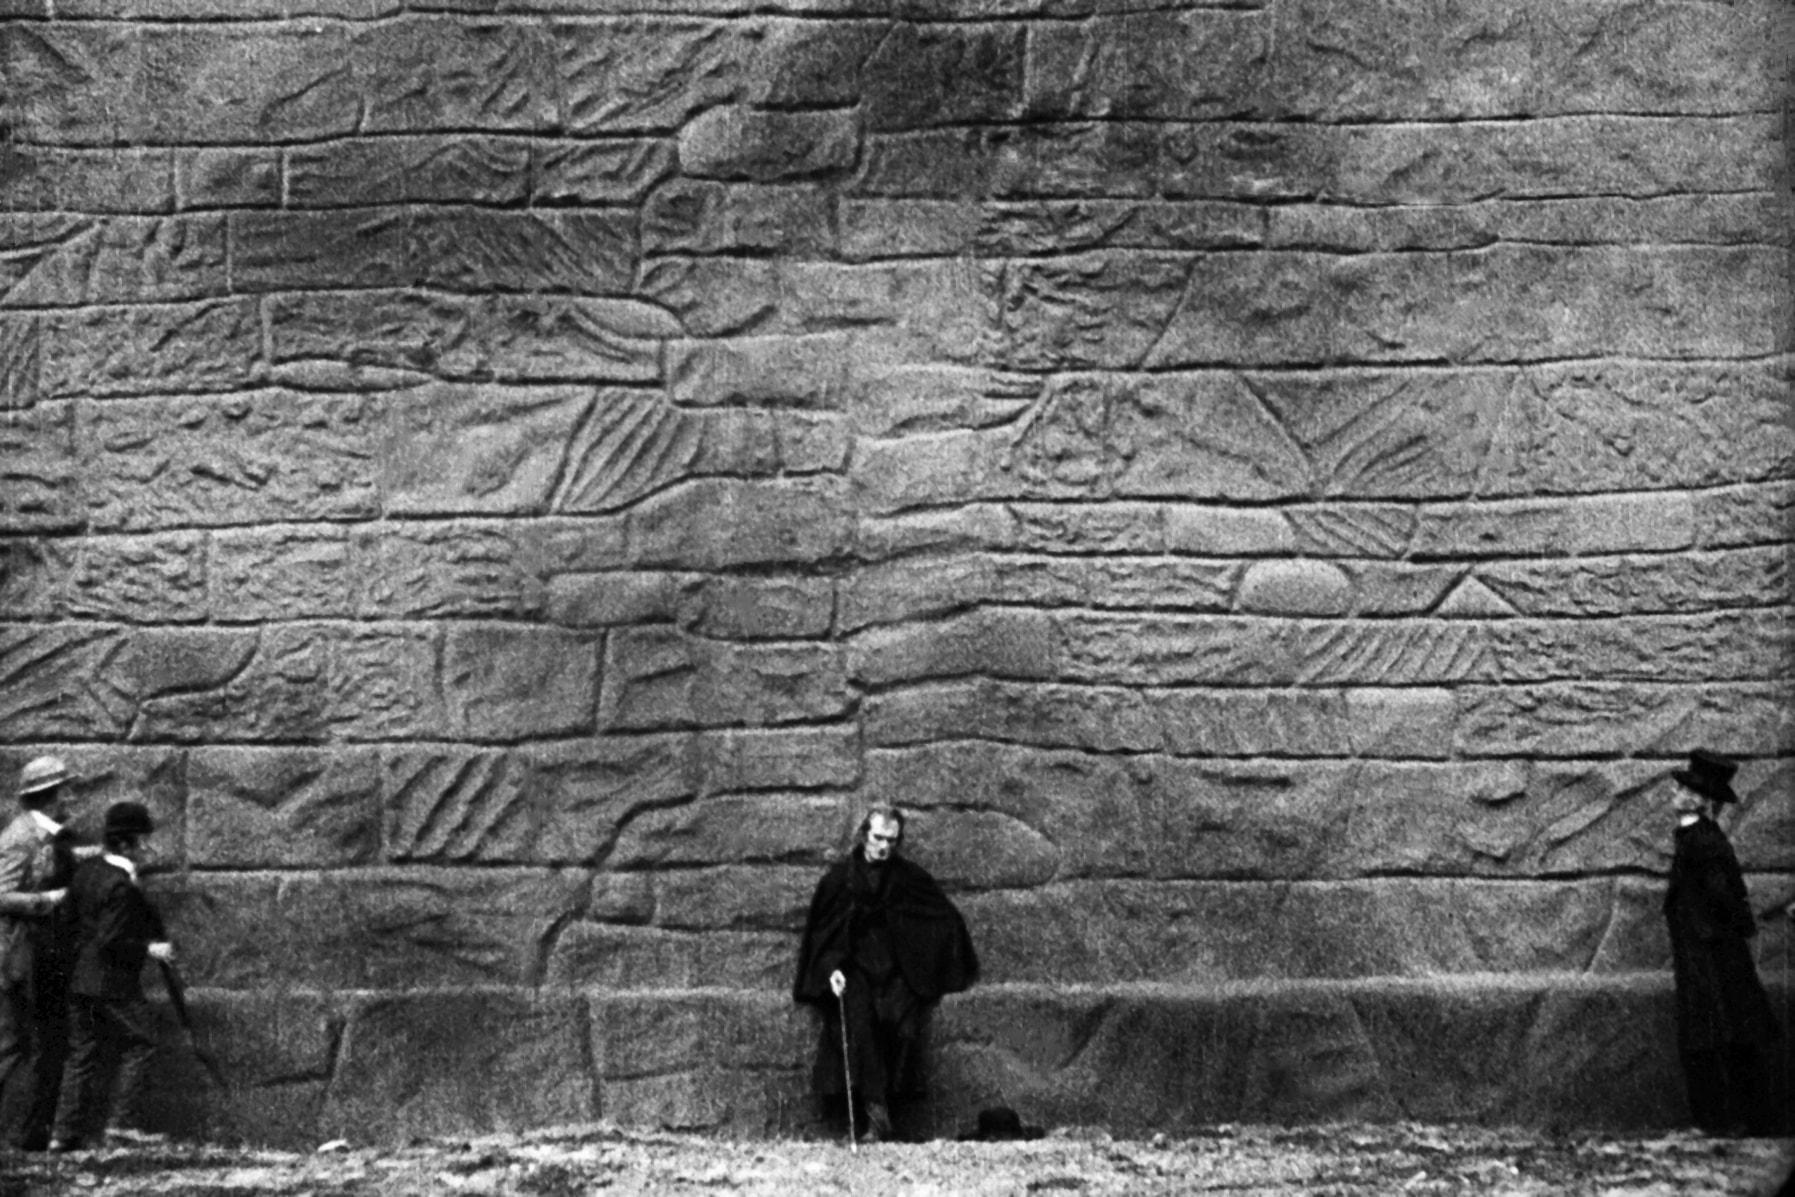 Le mur des Trois lumières de Fritz Lang